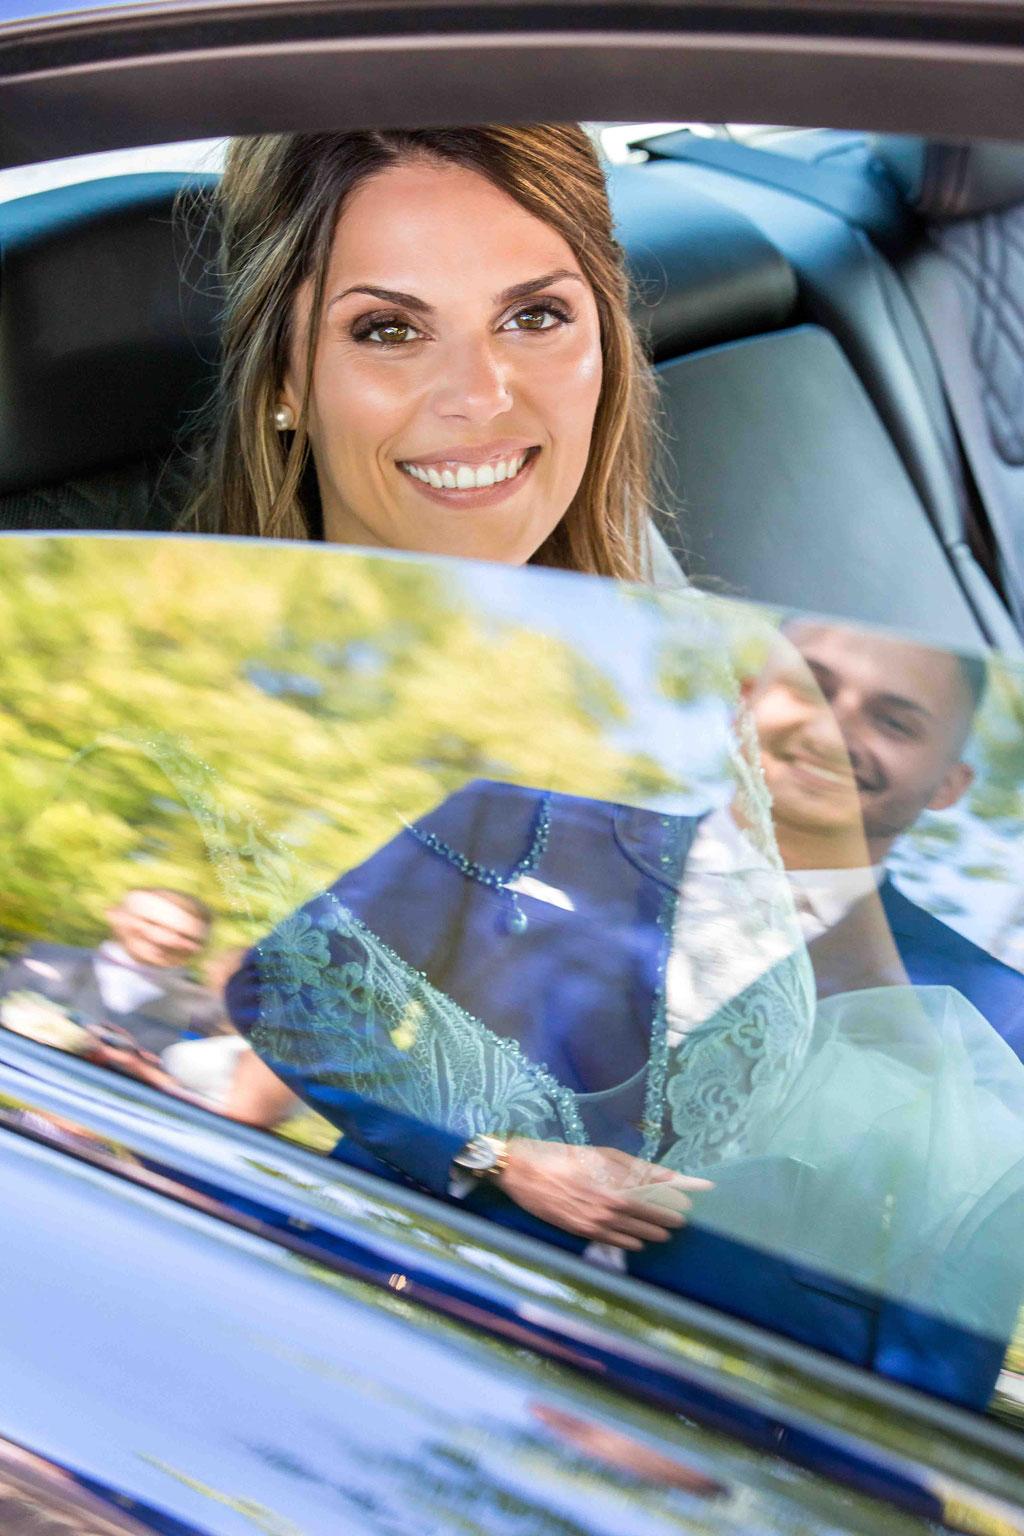 Hochzeitsfoto von der Braut im Auto, Hochzeitsbild vom Bräutigam in der Spiegelung, Hochzeitsauto Hochzeitsfotografien